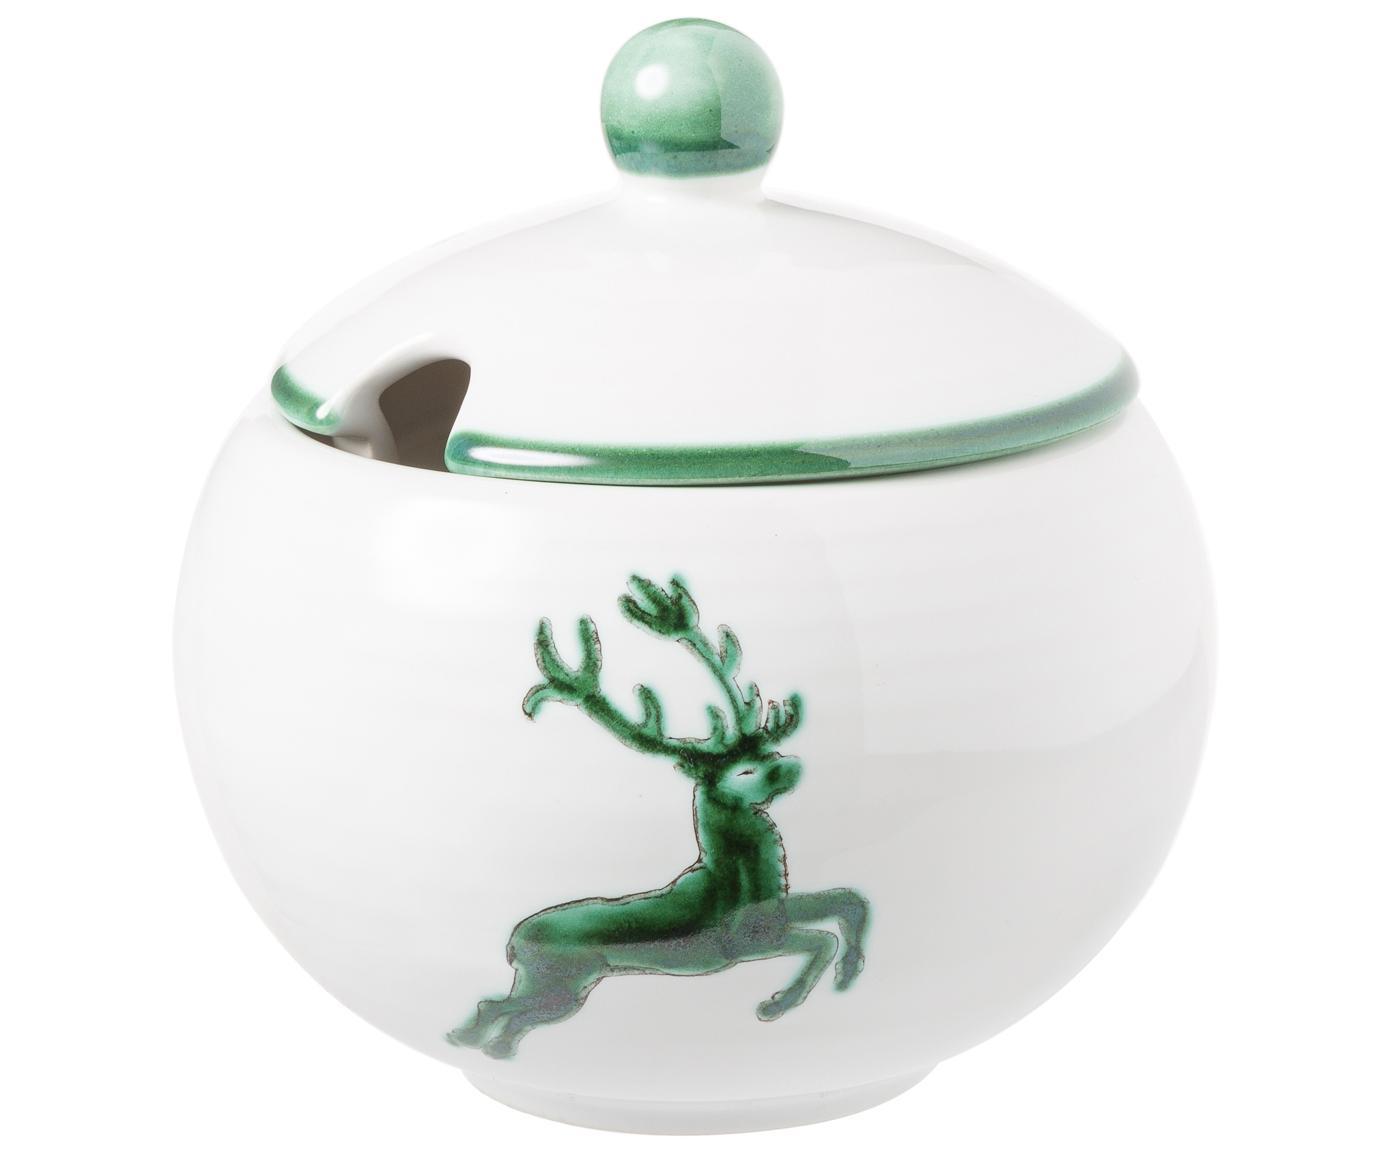 Ręcznie malowana cukiernica Classic Grüner Hirsch, Ceramika Można myć w zmywarce, nadaje się do mikrofalówki, Biały, Ø 10 cm